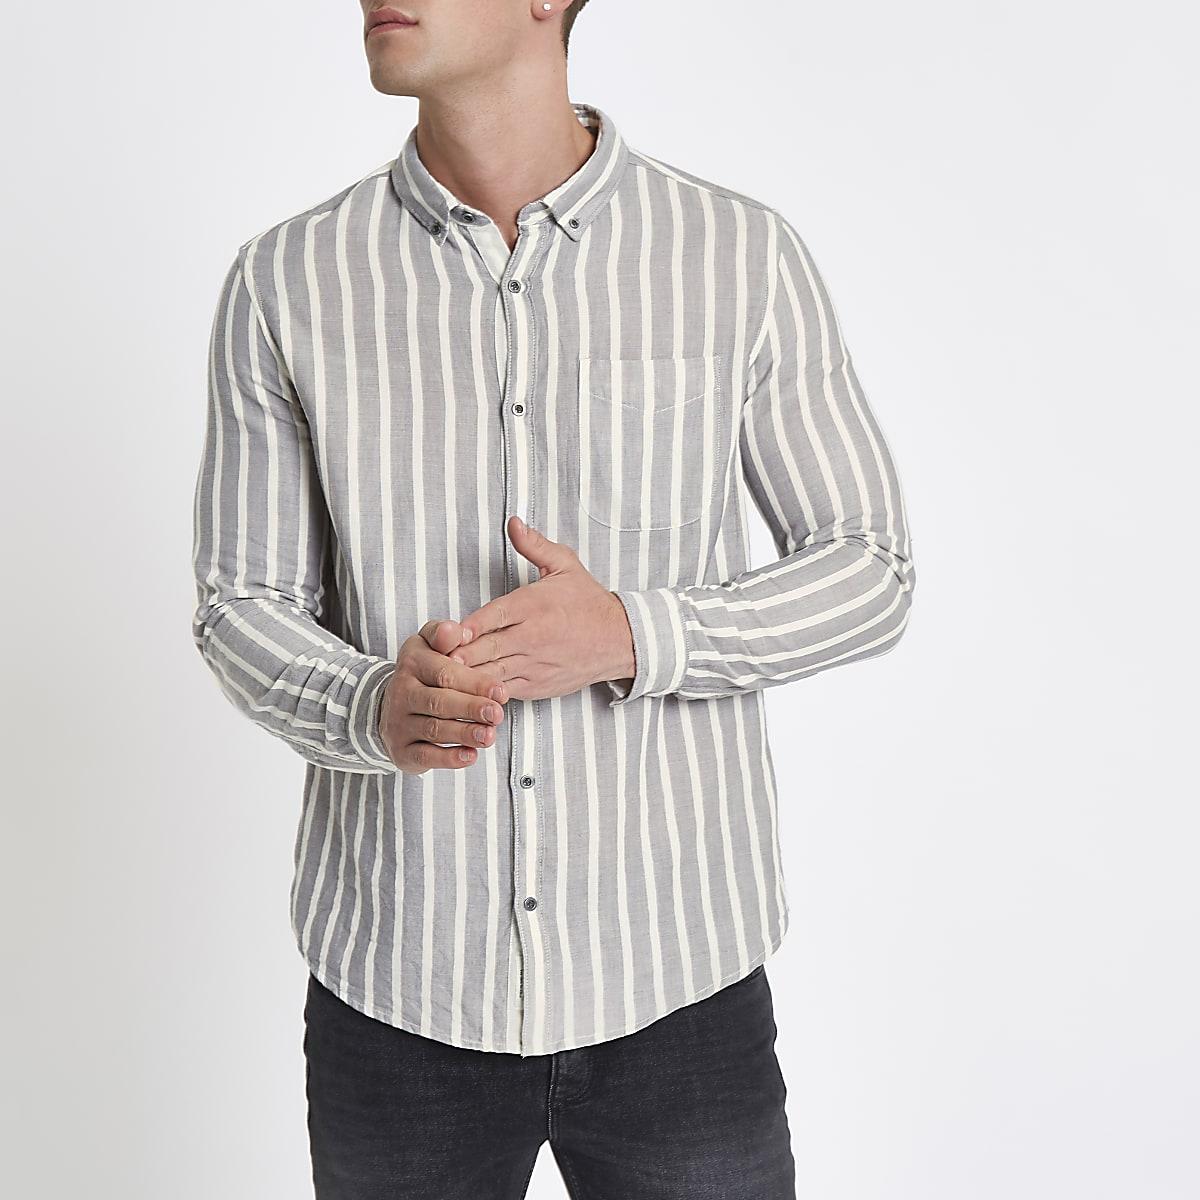 Skinny Fit Overhemd.Ecru Gestreept Slim Fit Overhemd Met Lange Mouwen Overhemden Met